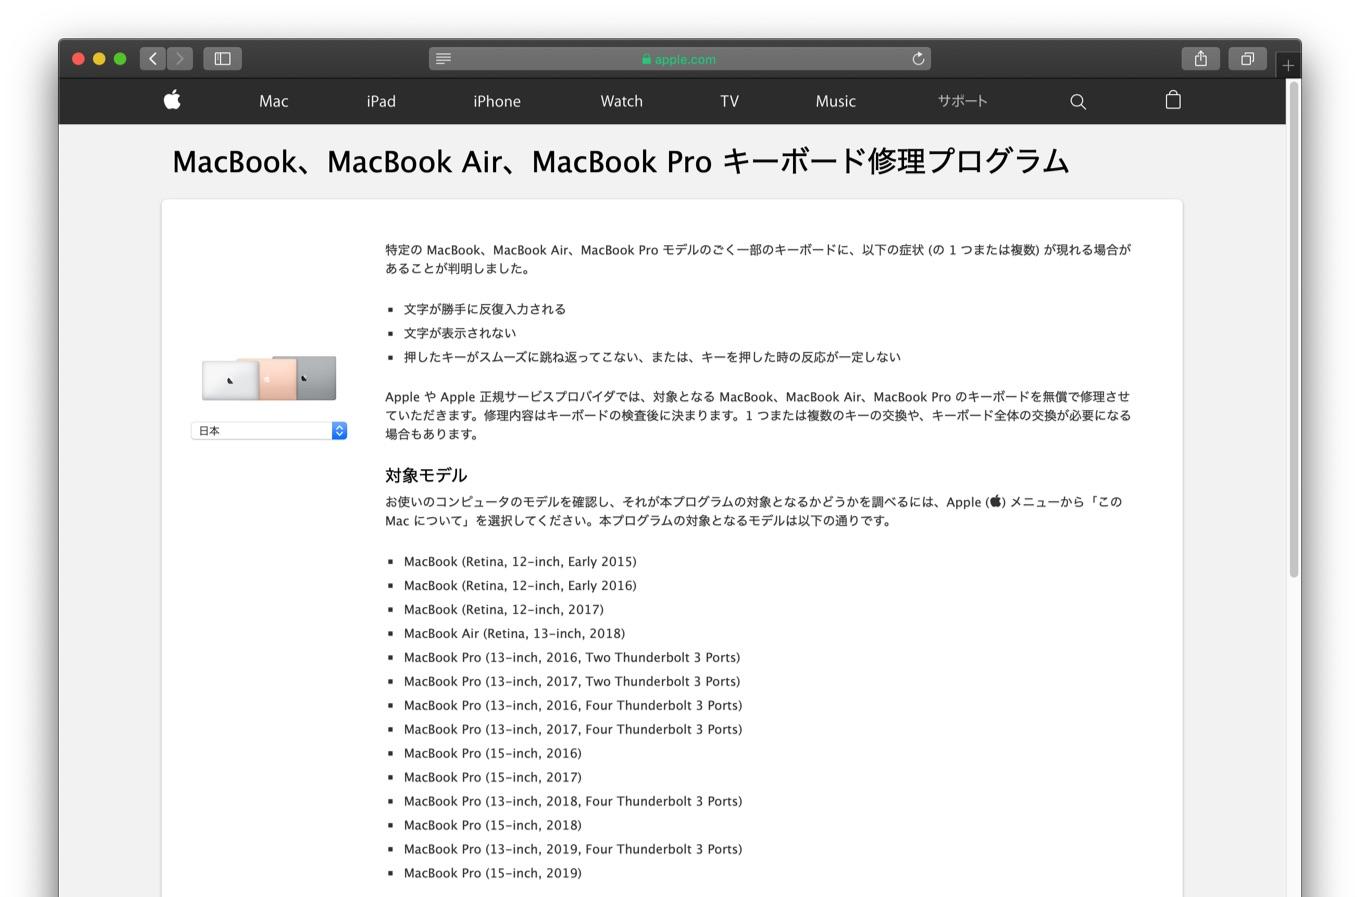 MacBook、MacBook Air、MacBook Pro キーボード修理プログラム